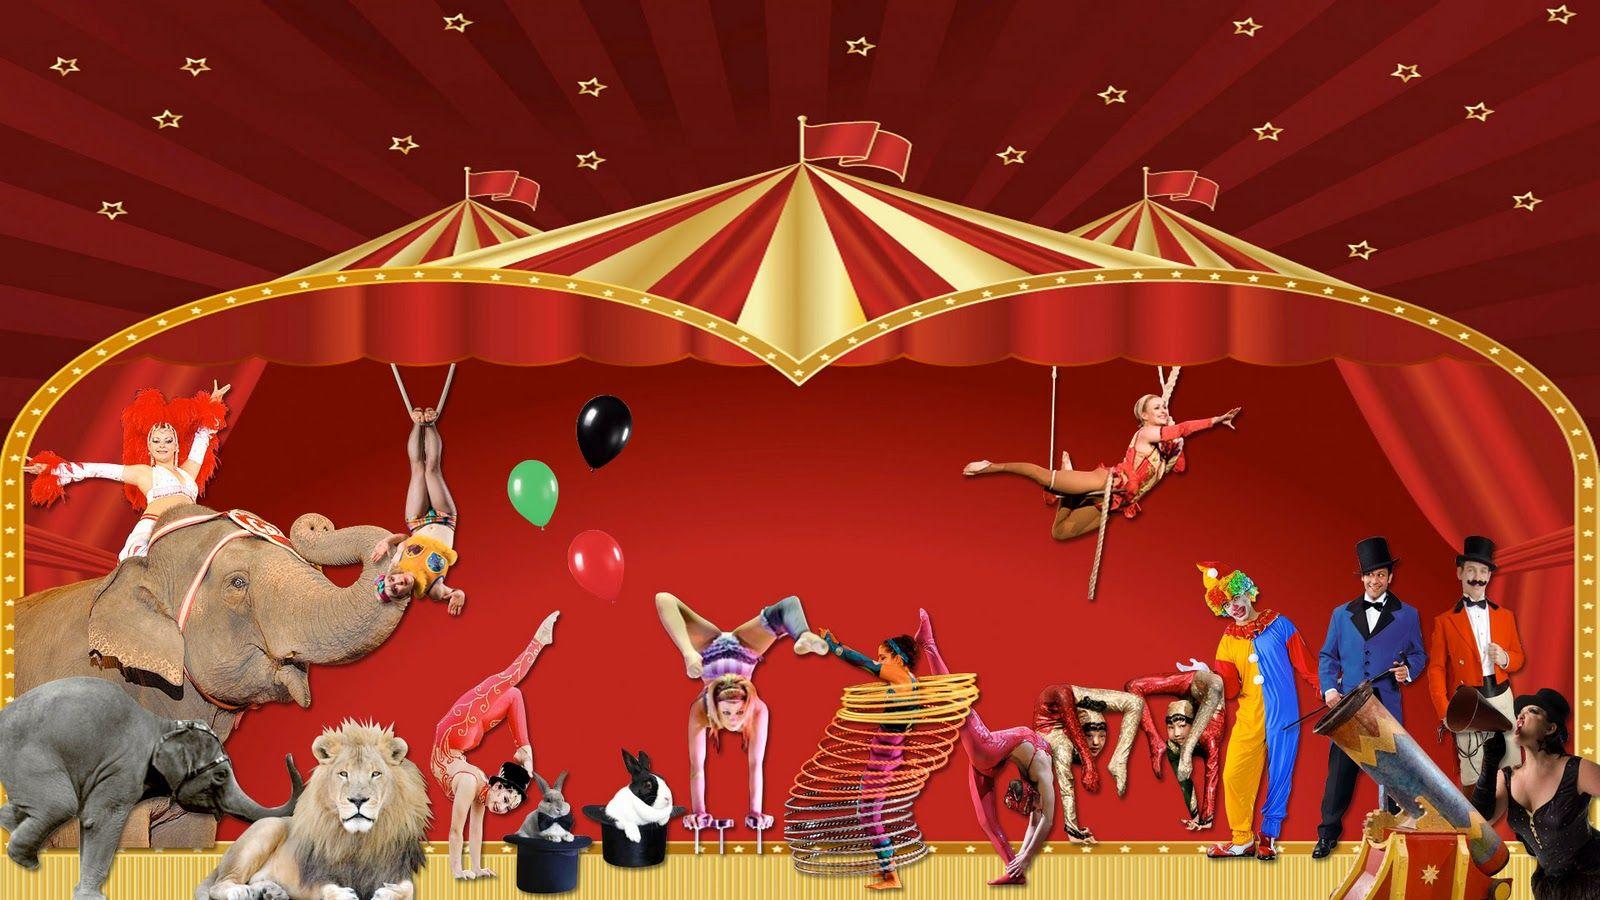 С днем рождения фото картинки из цирка производстве установлено